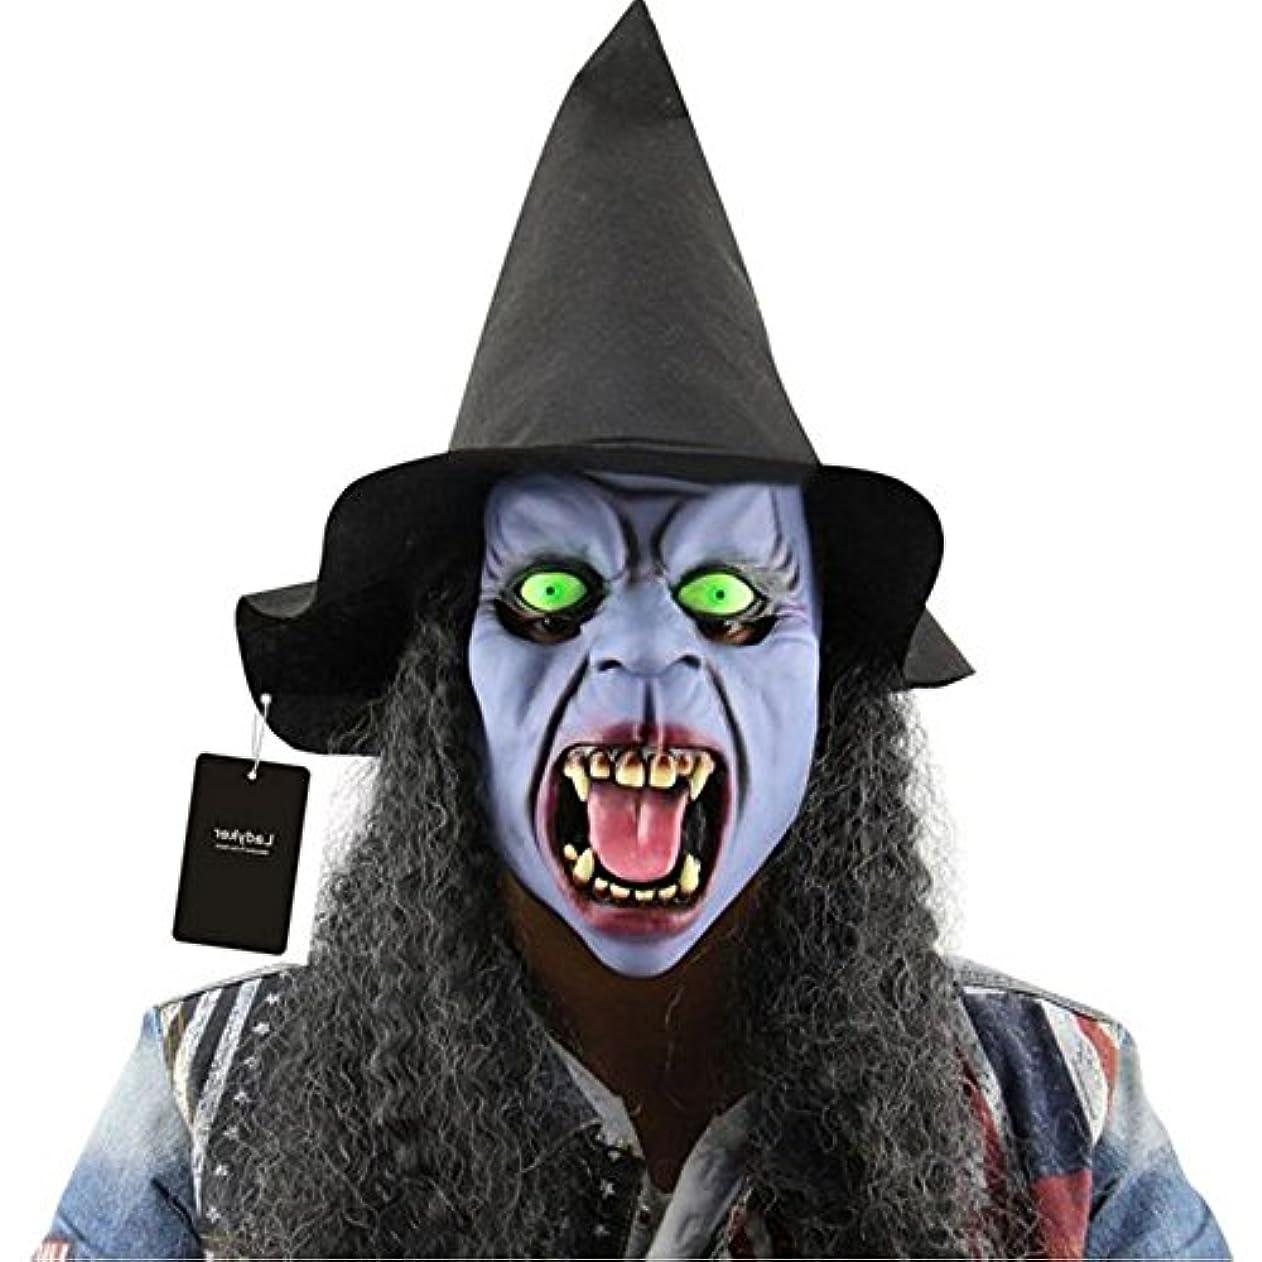 バラエティ特徴づけるインカ帝国Auntwhale ハロウィーンマスク大人恐怖コスチューム、ホラー夜の魔女ファンシーマスカレードパーティハロウィンマスク、フェスティバル通気性ギフトヘッドマスク